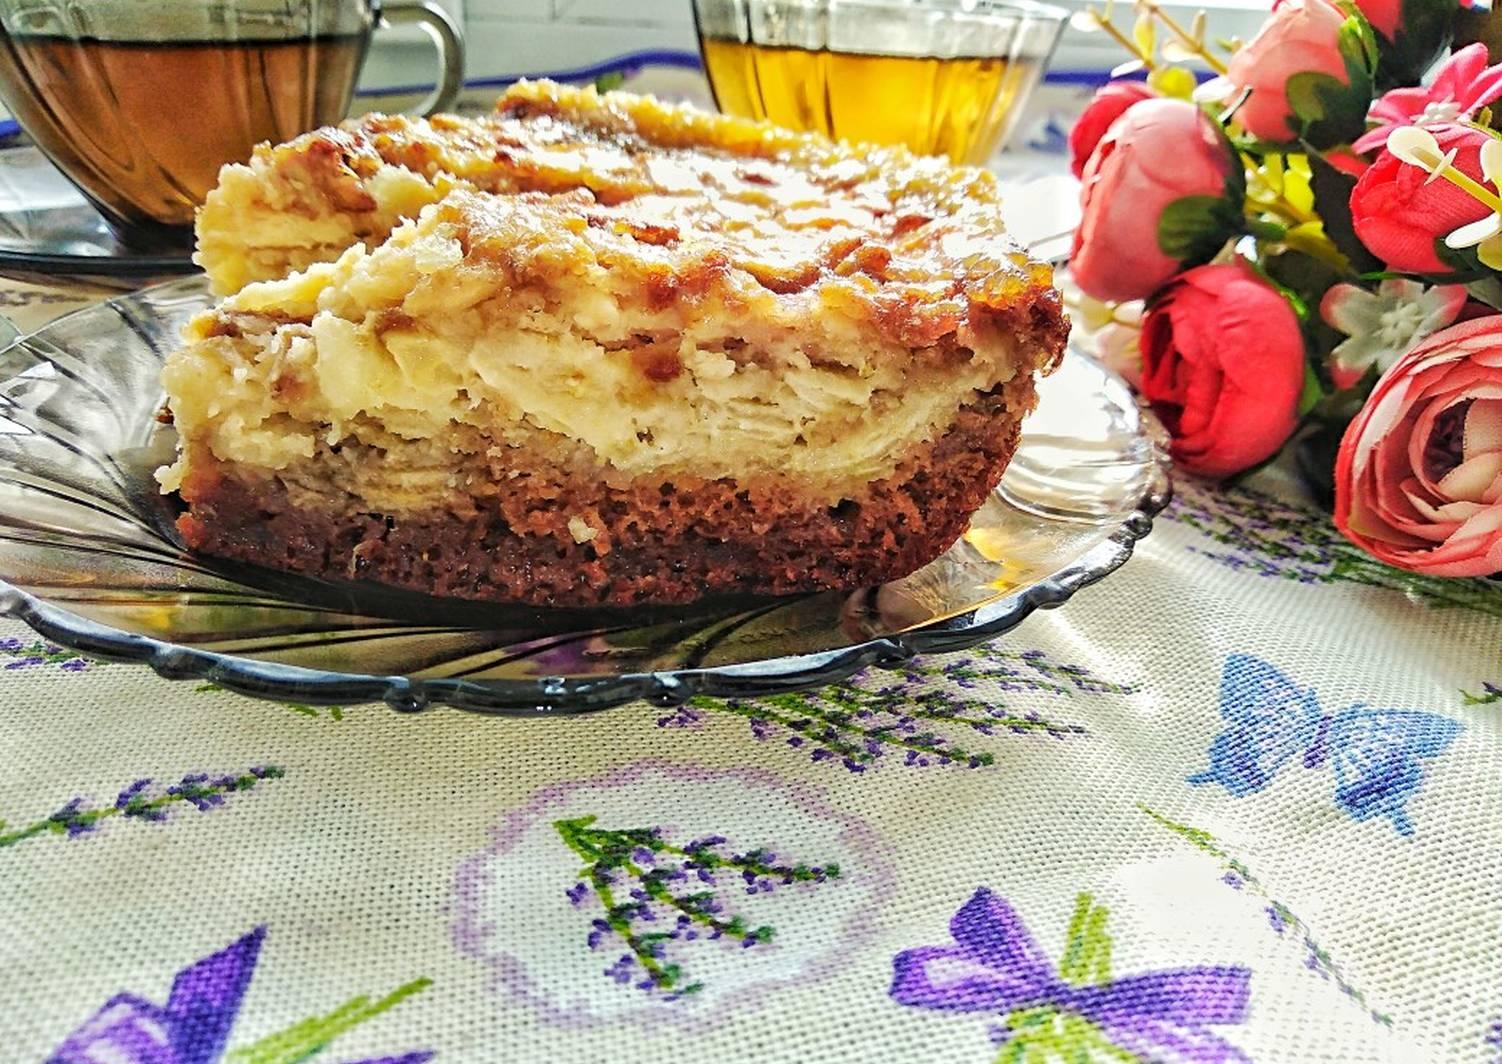 уголки крепятся рецепт нежного яблочного пирога с фото сцене как будто